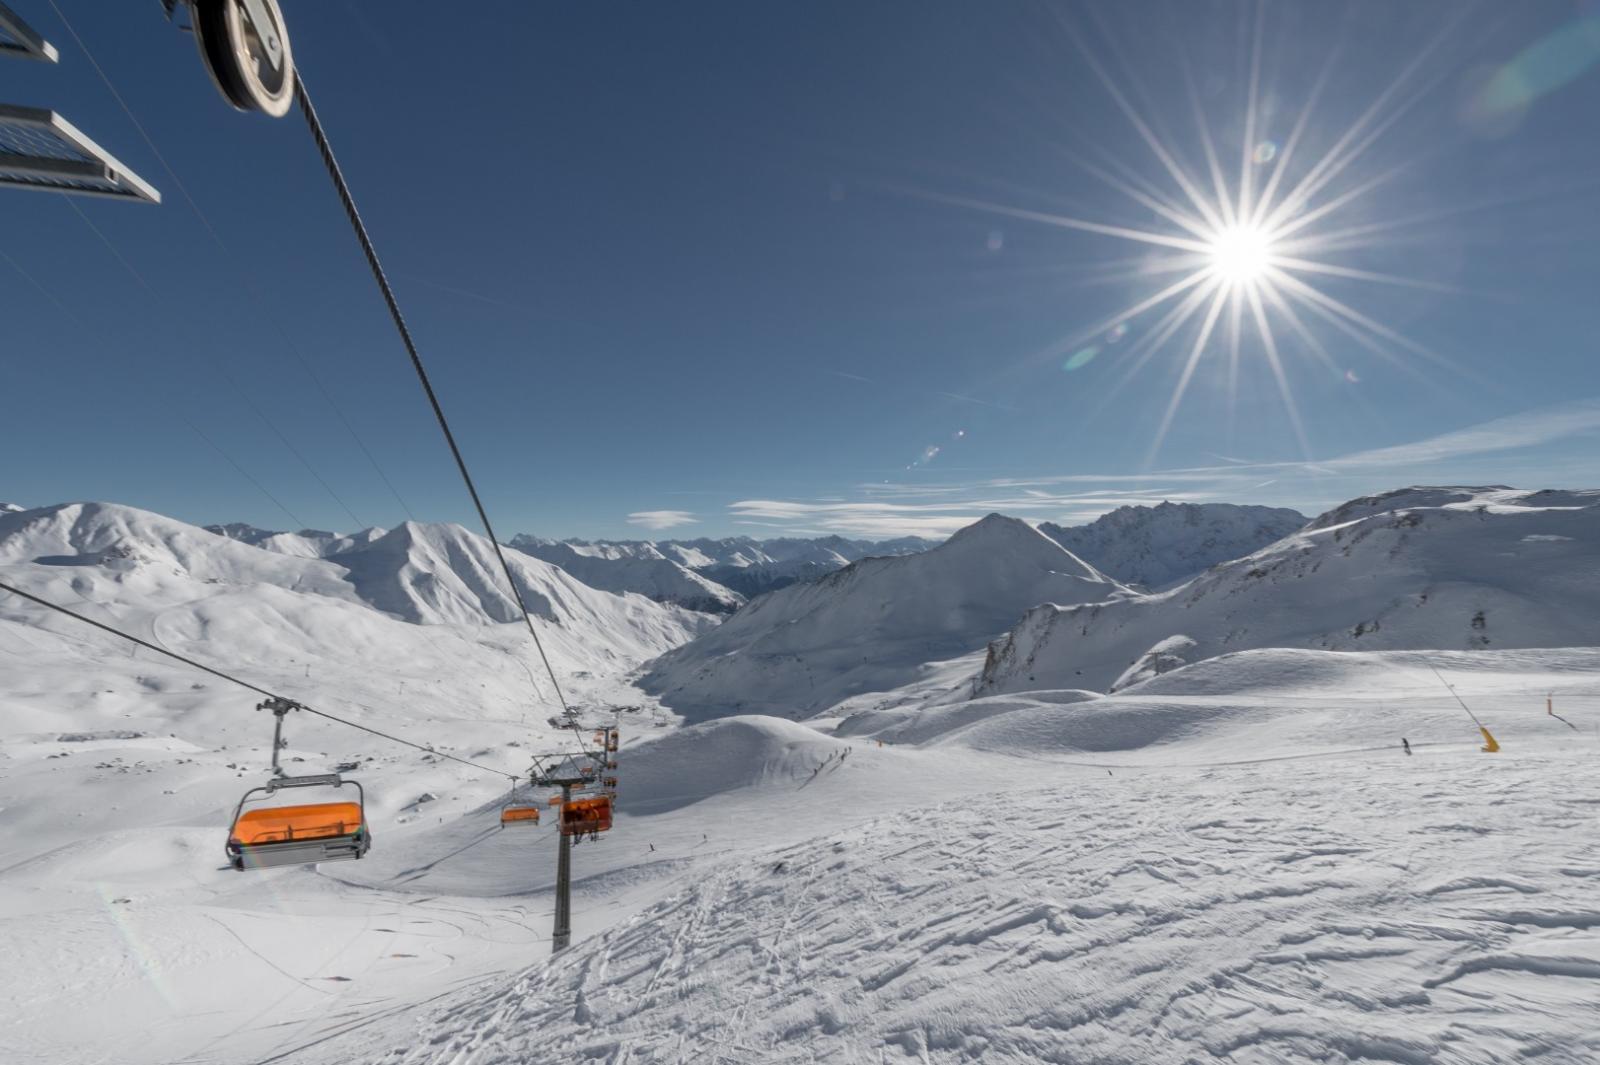 Bild zum Wellness-Angebot Ski & Spa im Winter - 2 Nächte